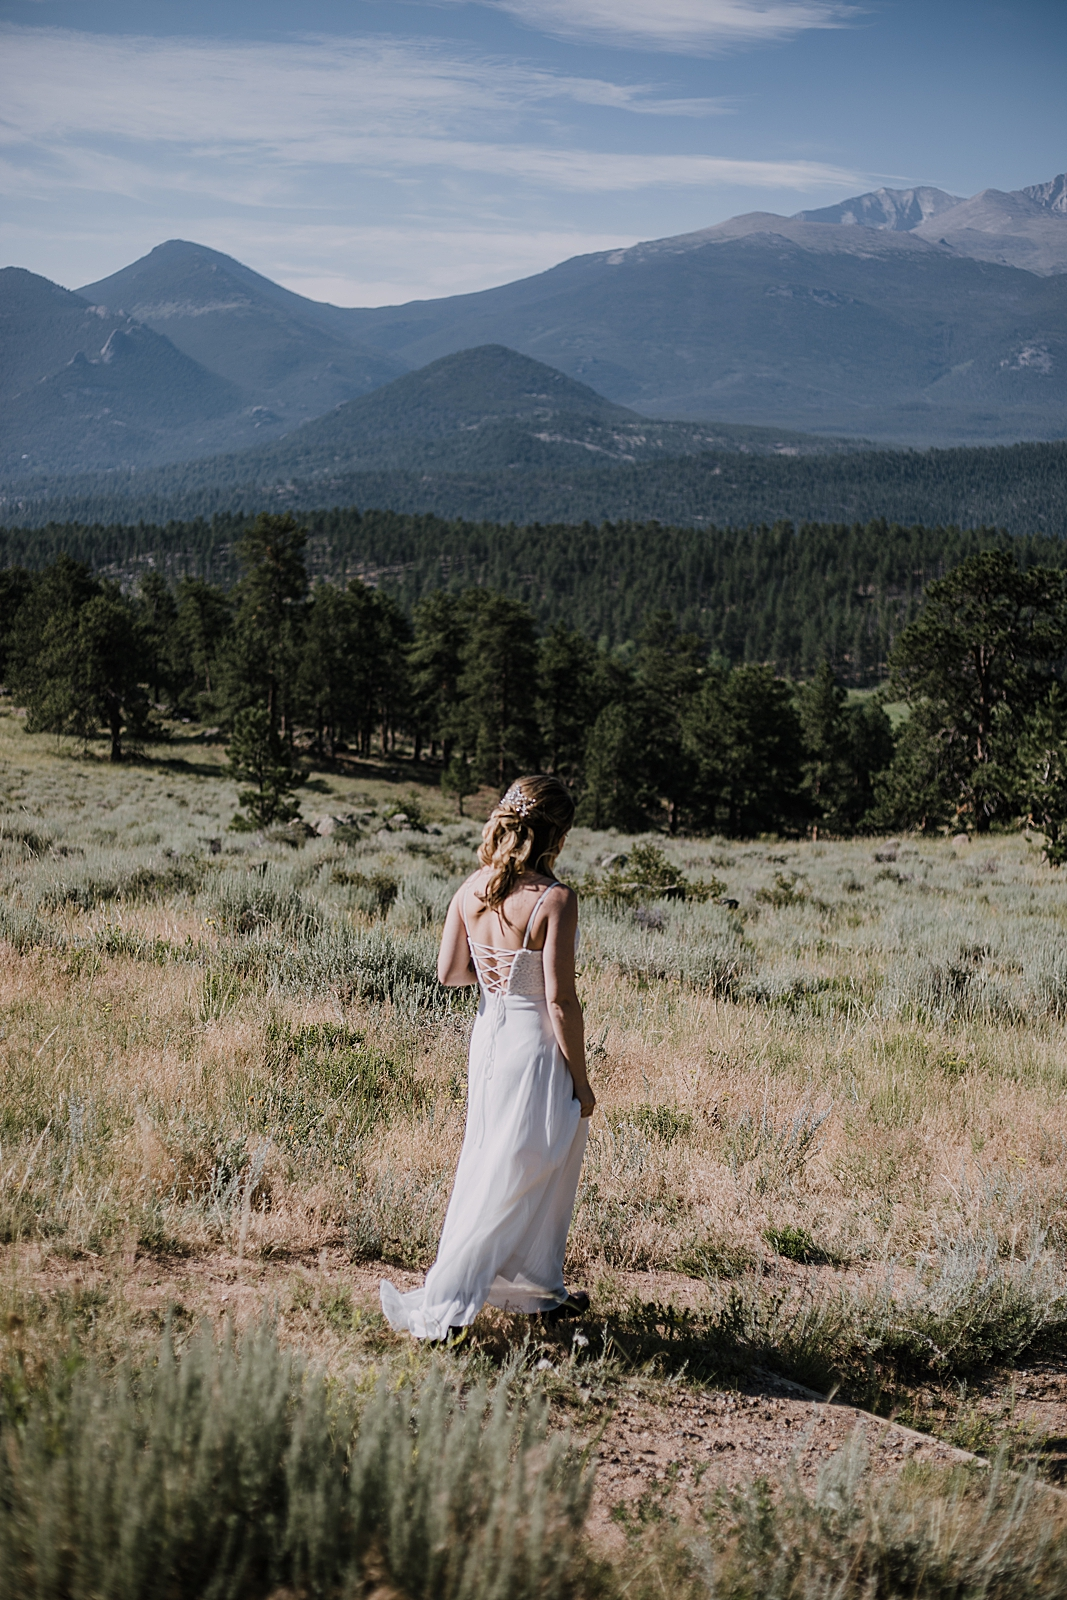 hiking bride, rocky mountain national park elopement, 3M curves elopement, self solemnizing, self solemnization, long's peak ceremony, hiking elopement, estes park elopement